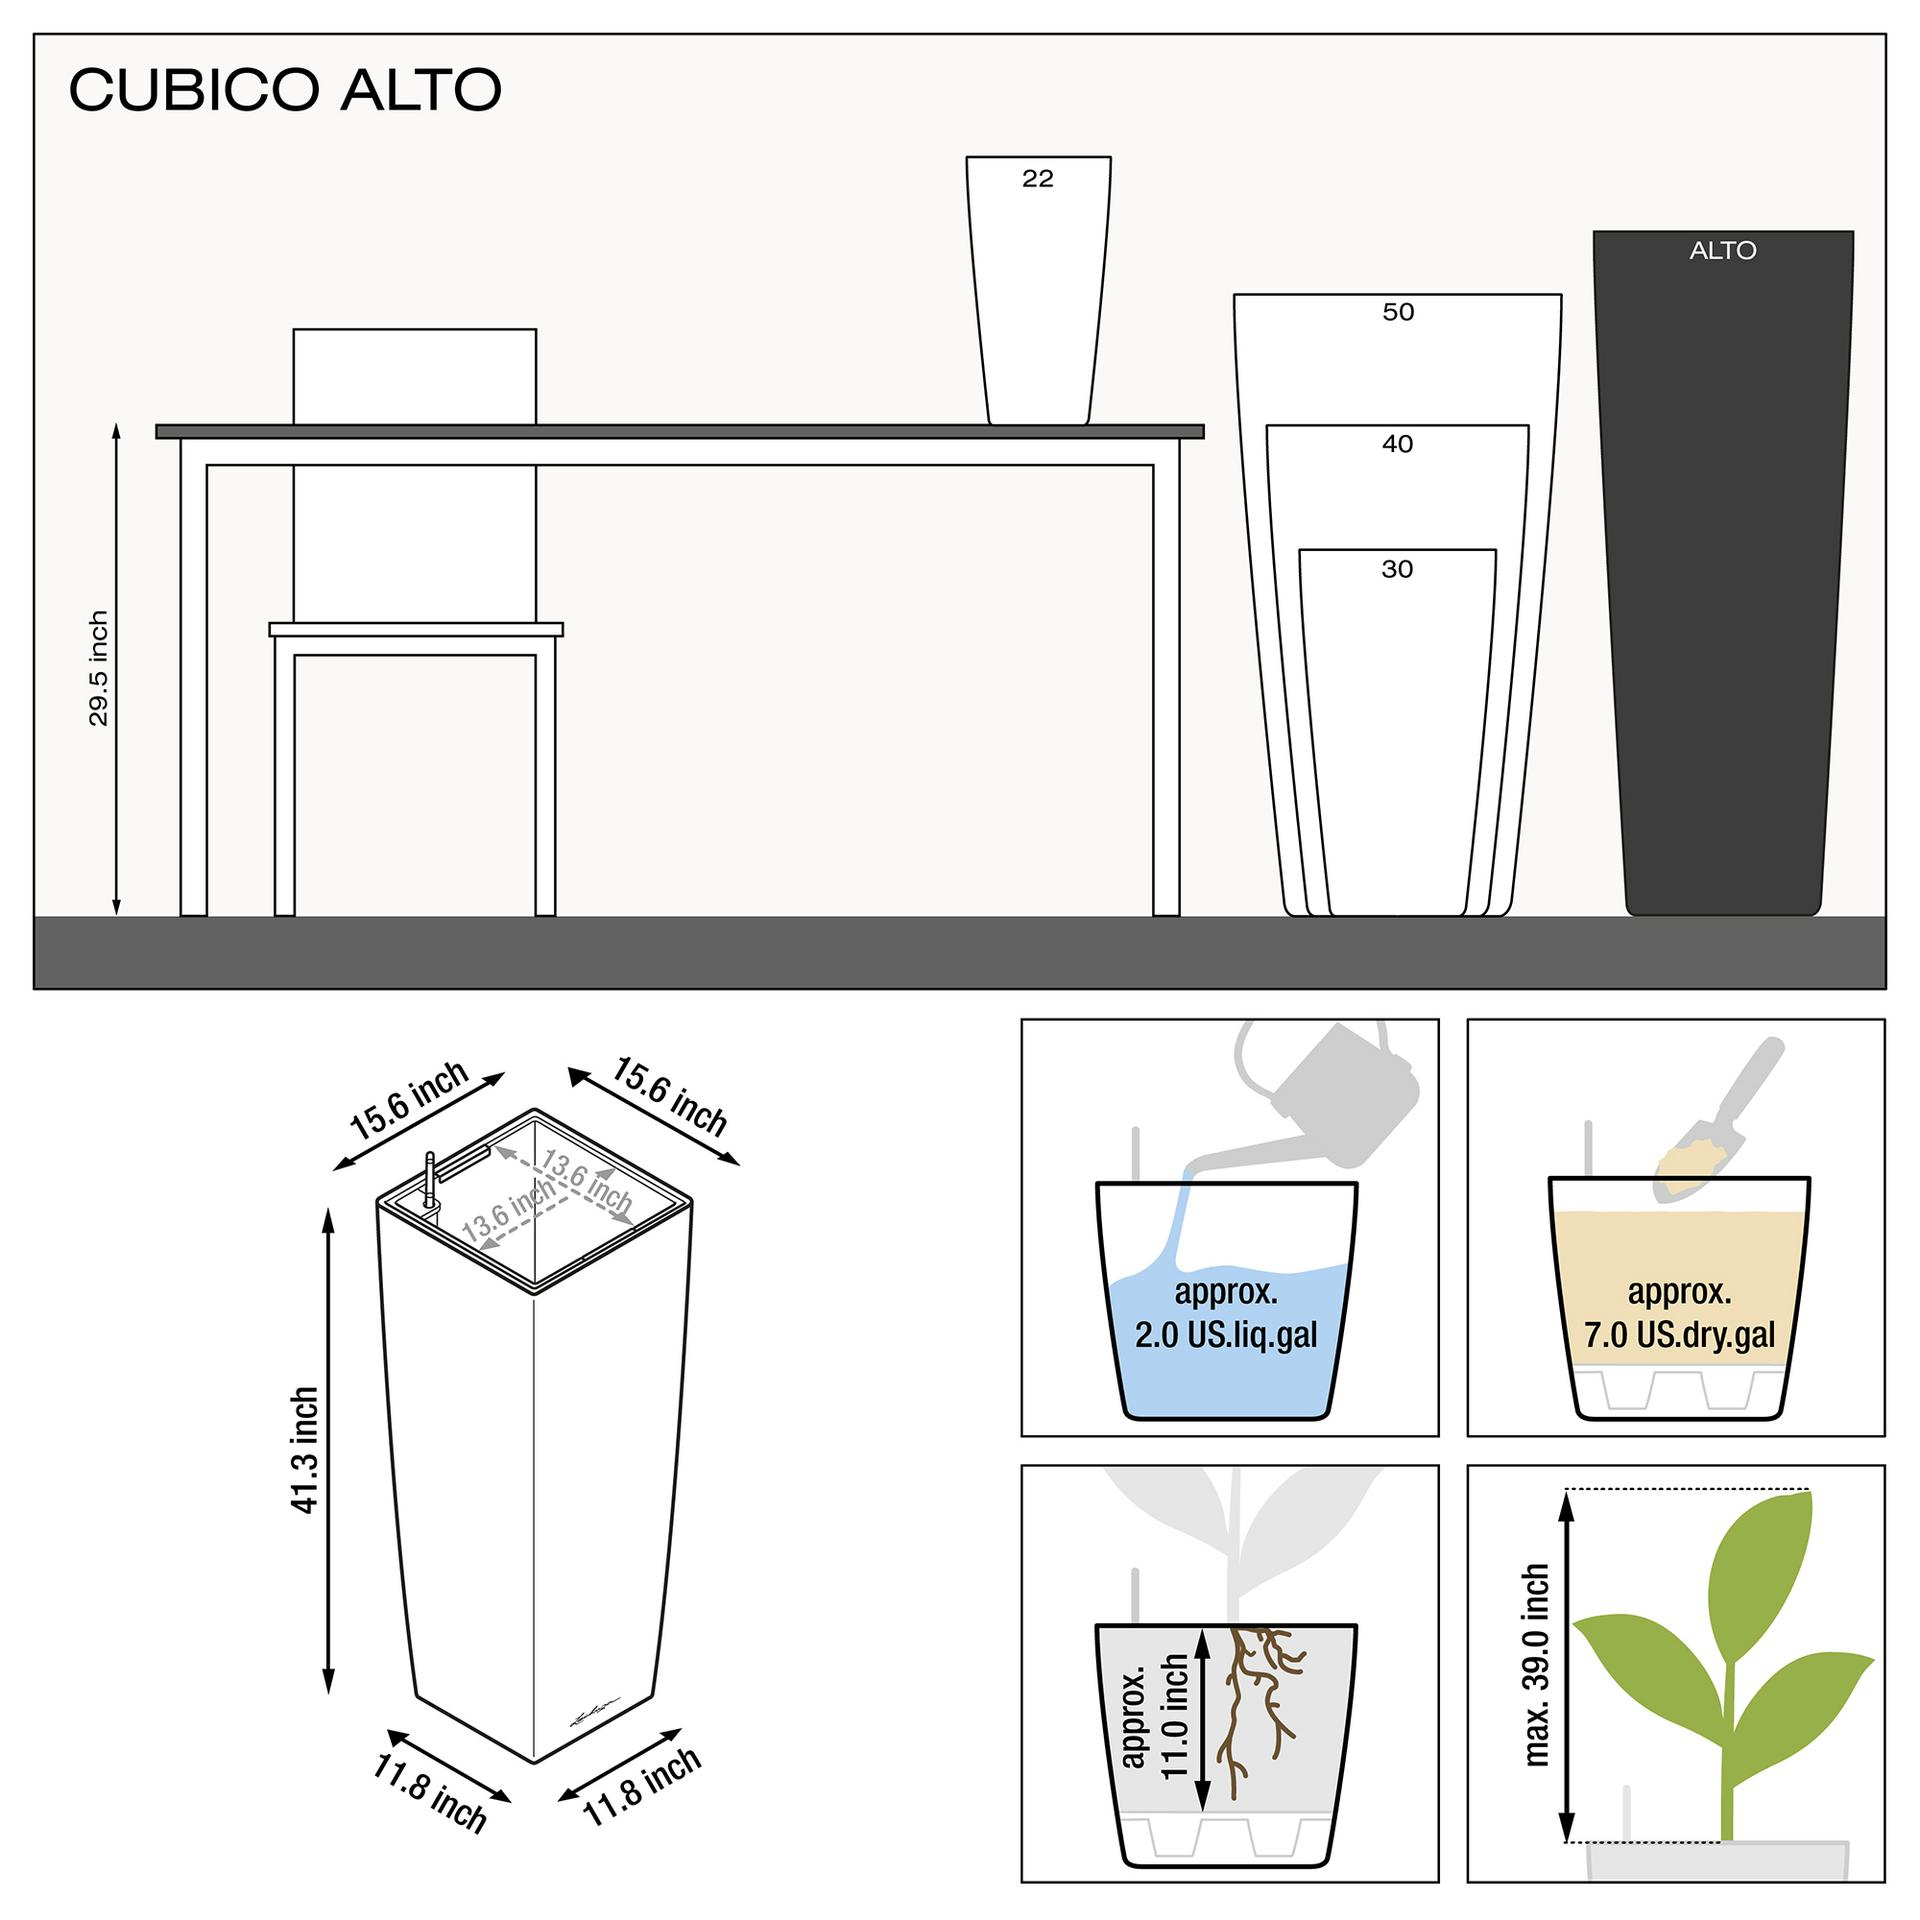 le_cubicoalto_product_addi_nz_us